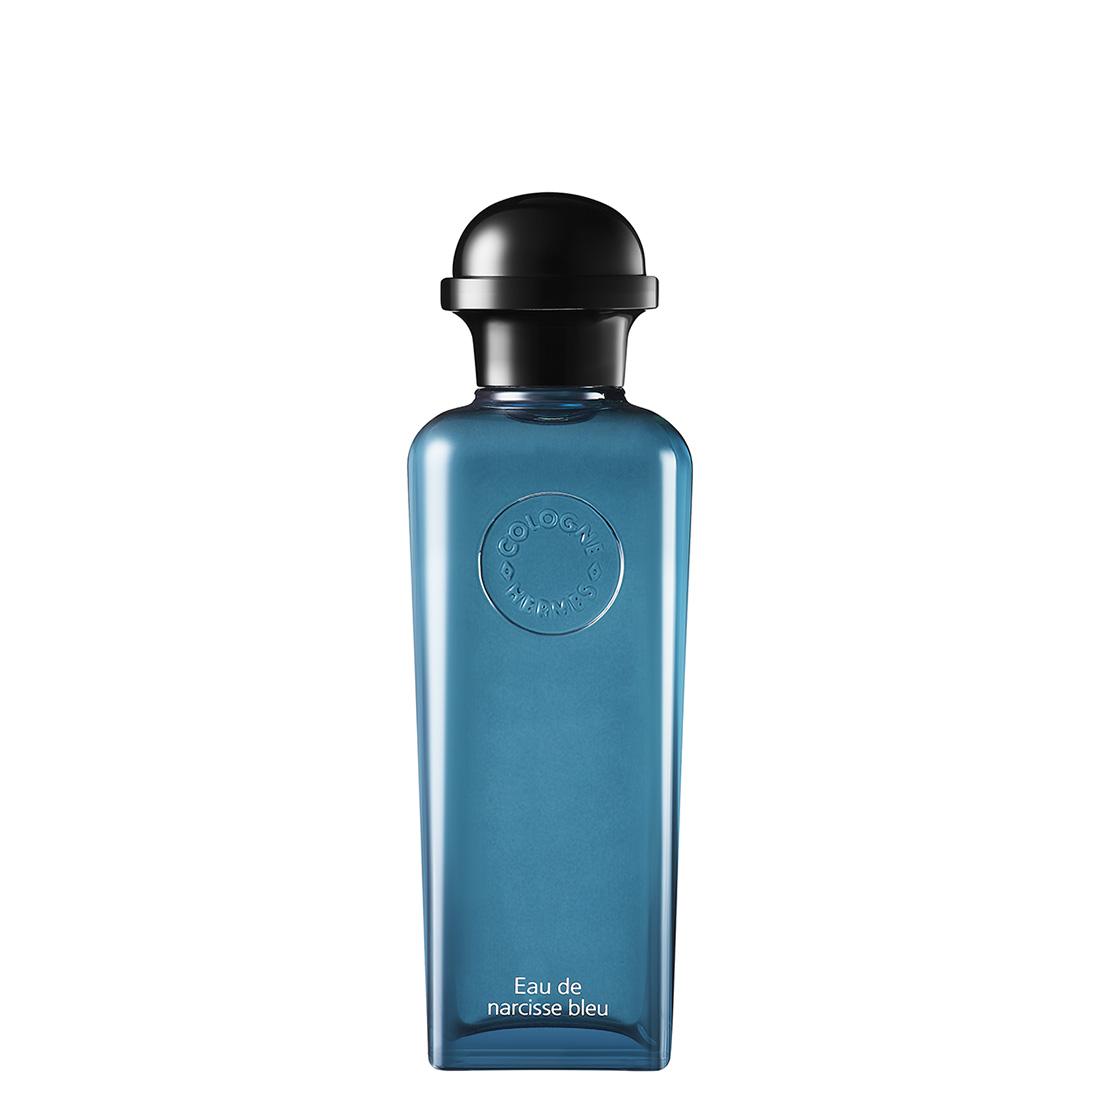 Hermès - Eau de Narcisse Bleu - Eau de Cologne